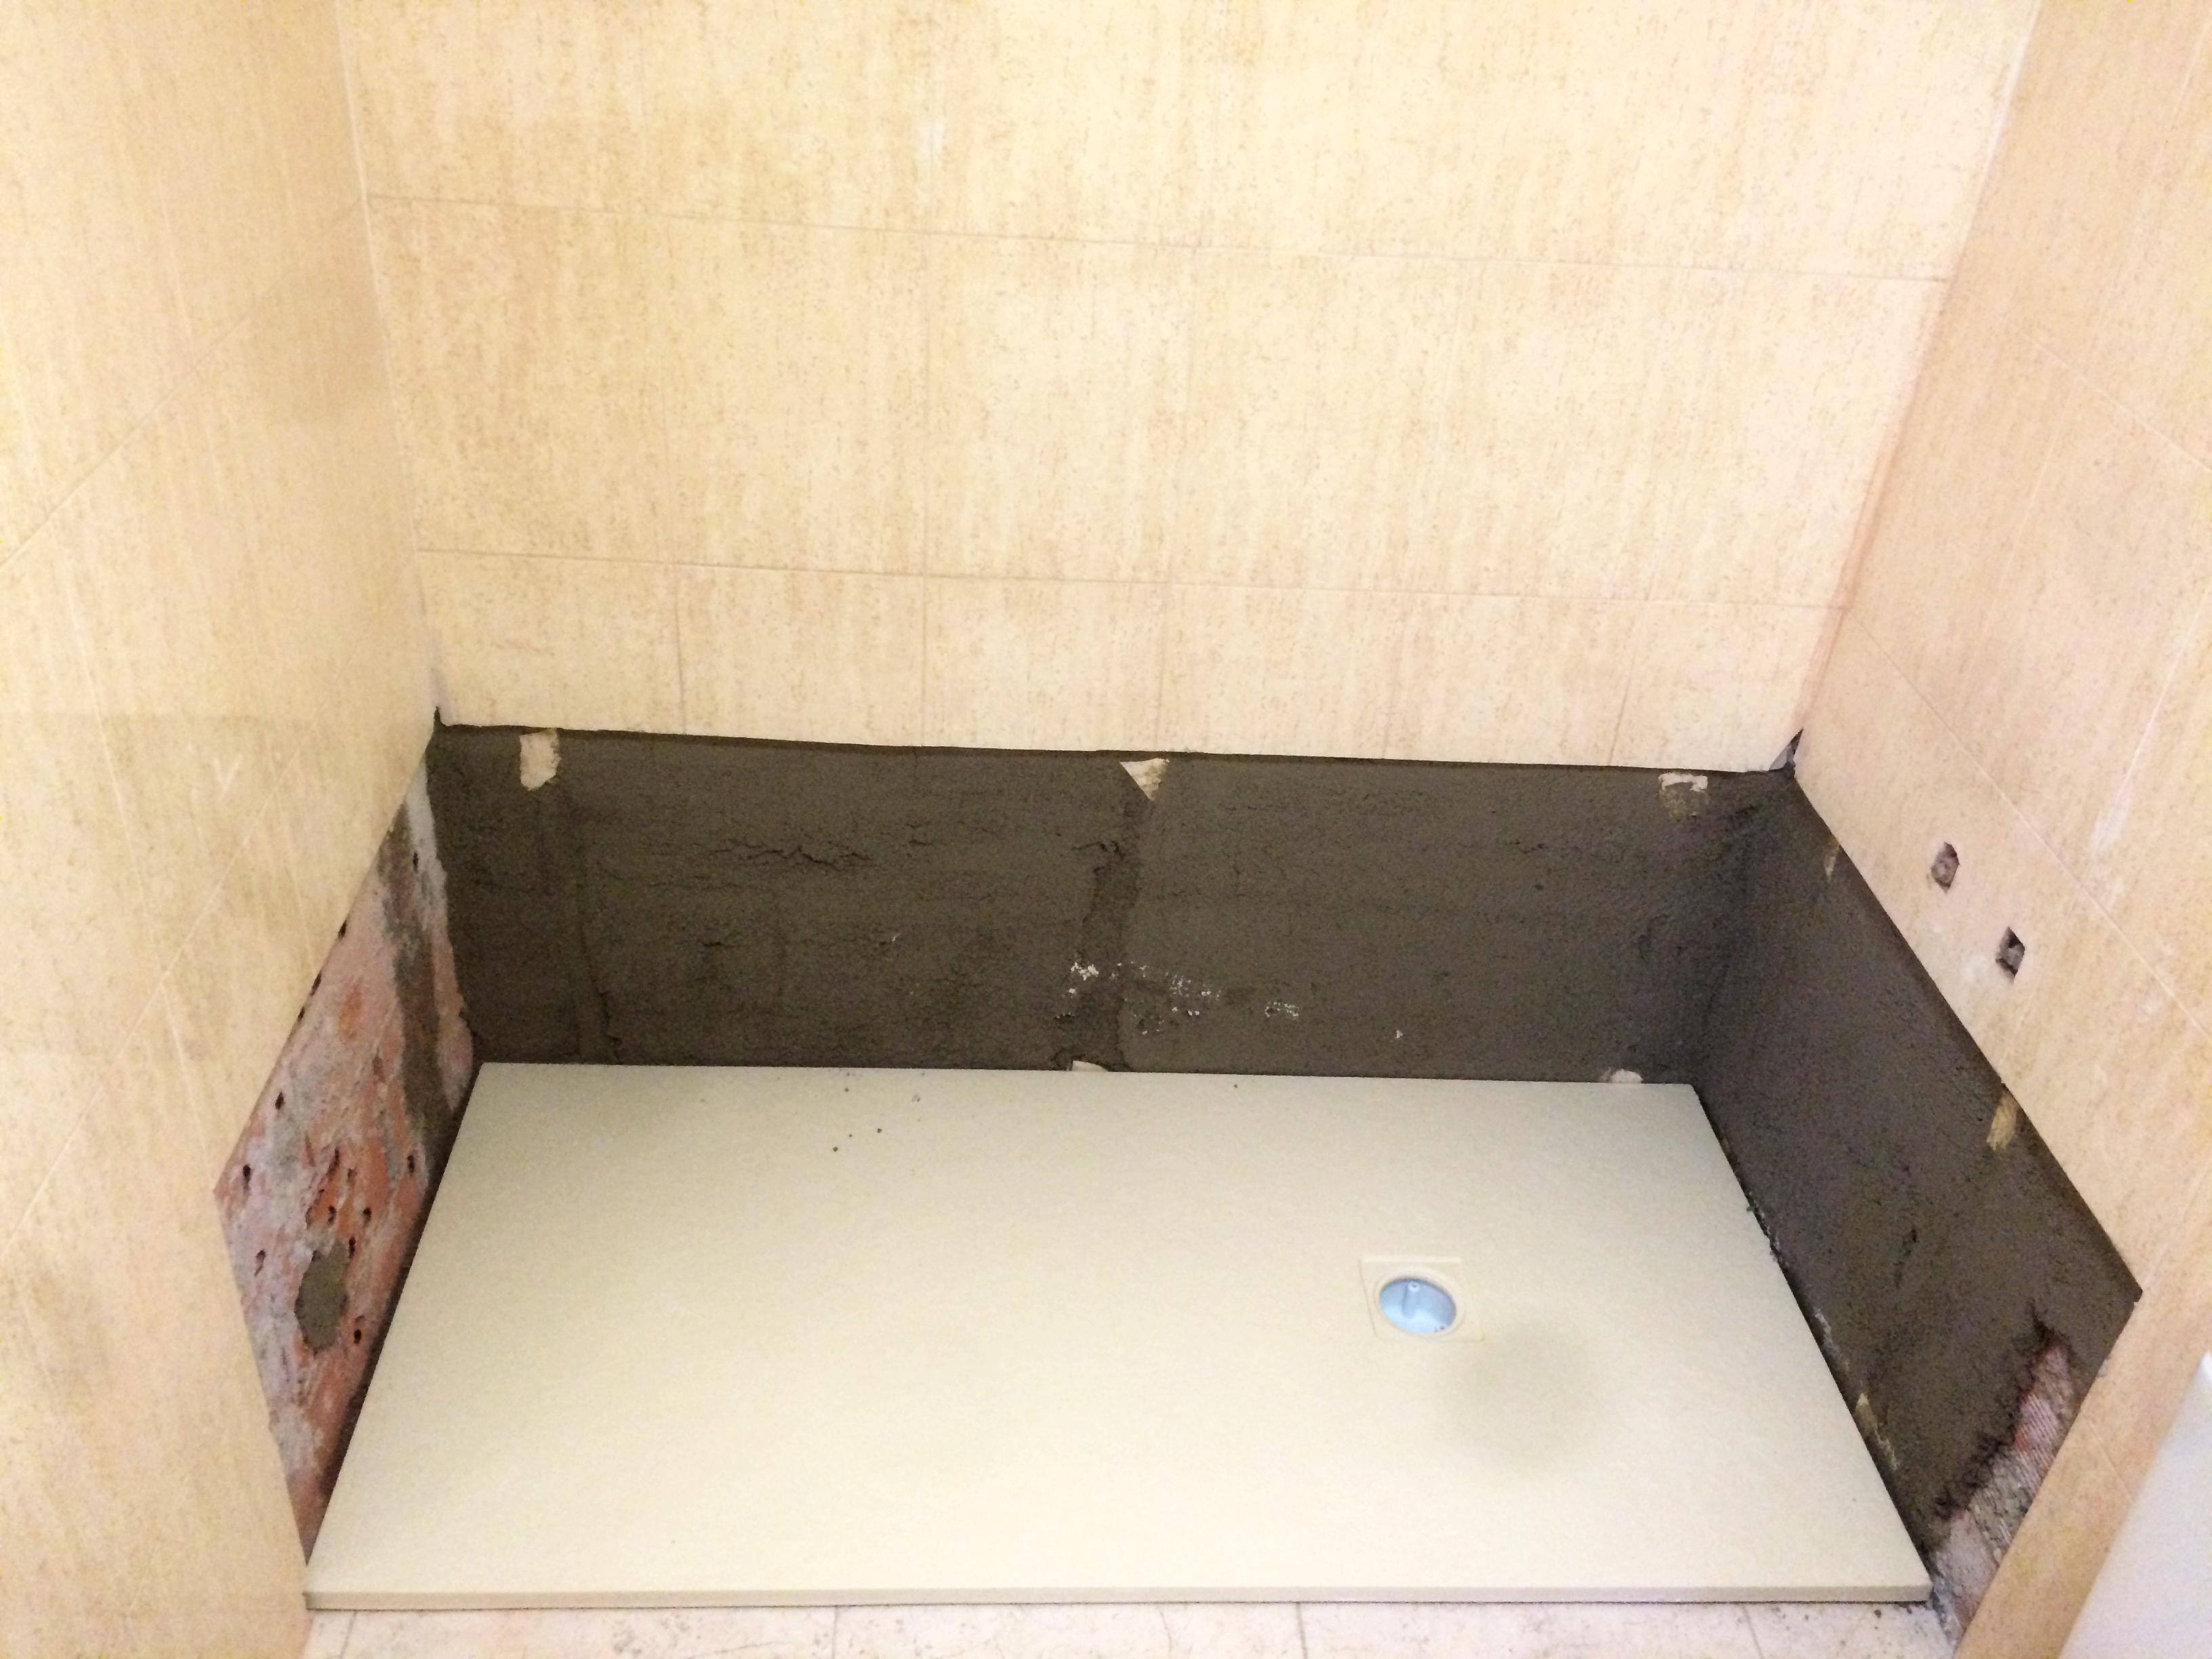 C mo montar un plato de ducha qu mamparas - Como colocar un plato de ducha de resina ...